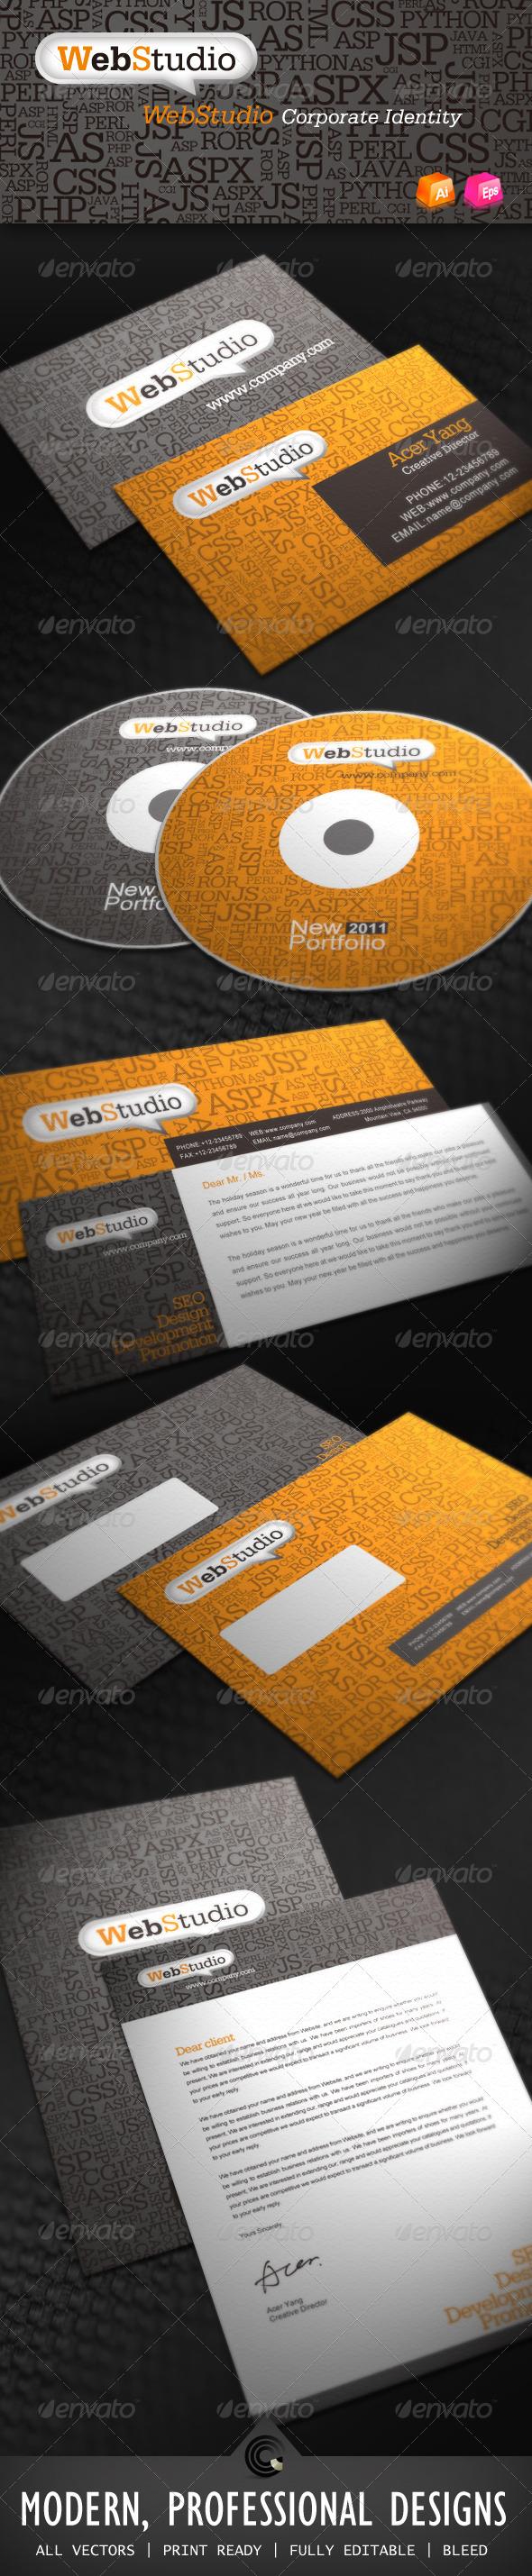 GraphicRiver Web Studio Corporate Identity 494979